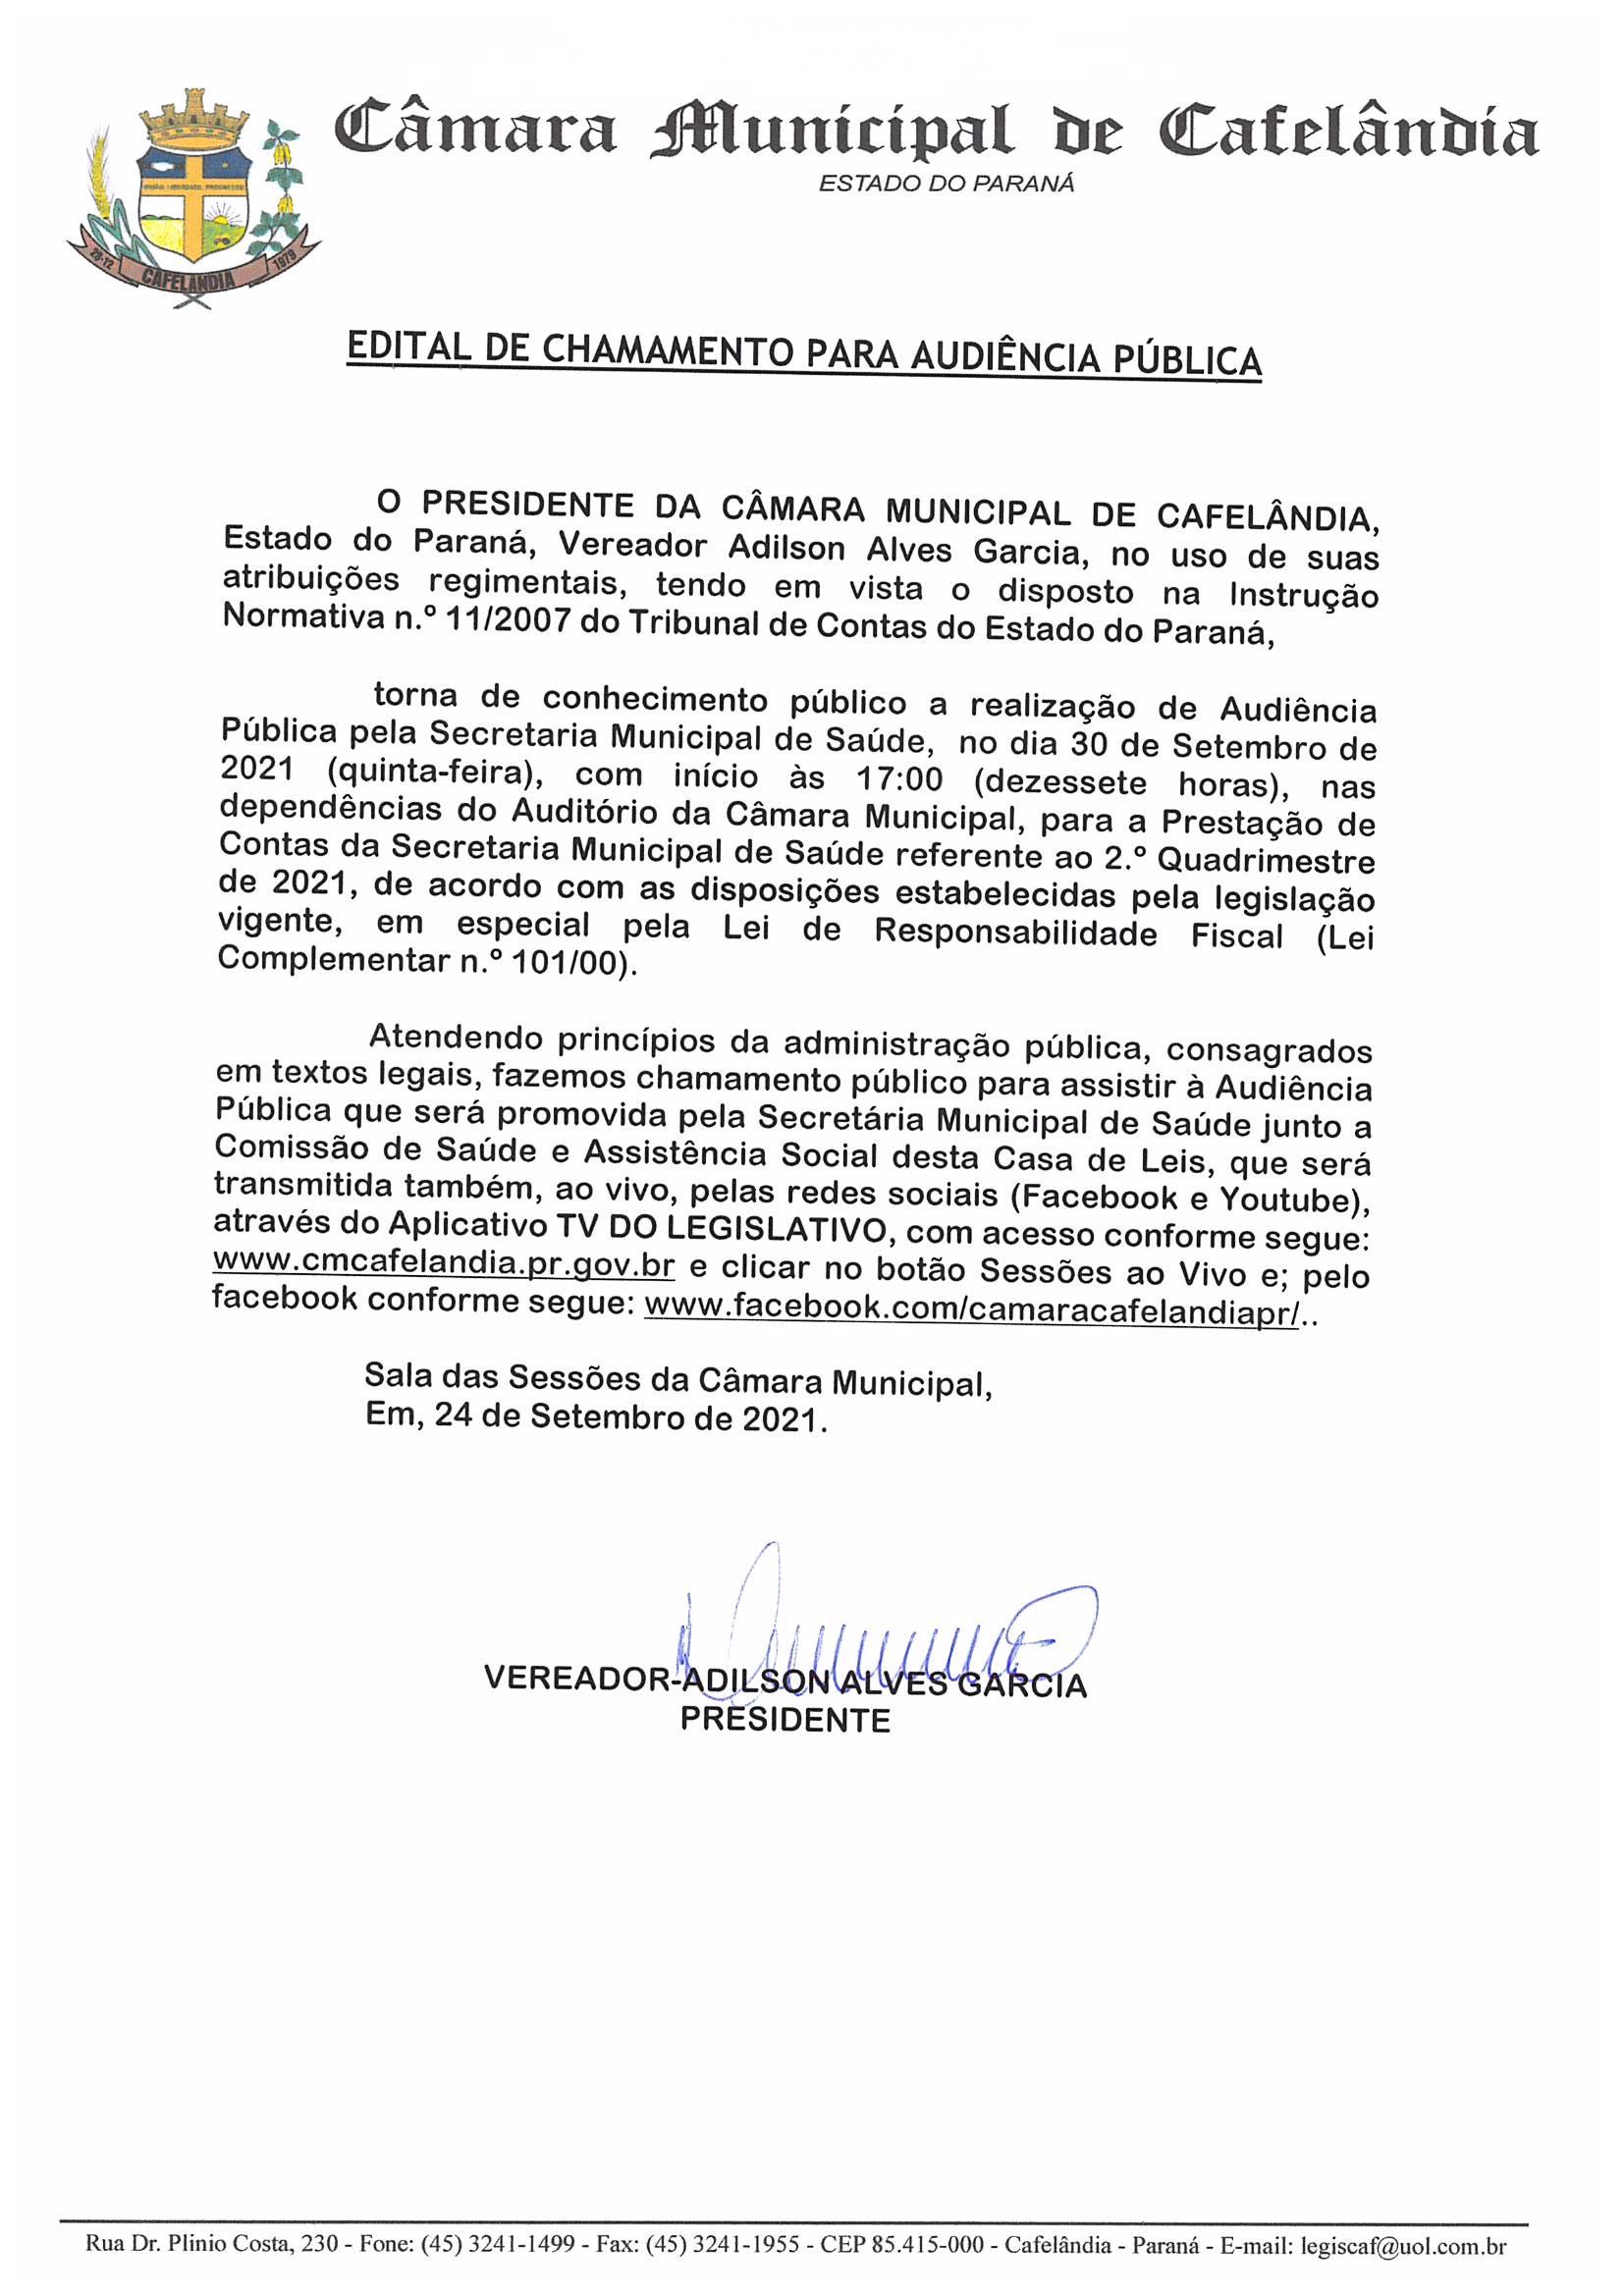 Audiências Públicas do dia 30 de Setembro de 2021.